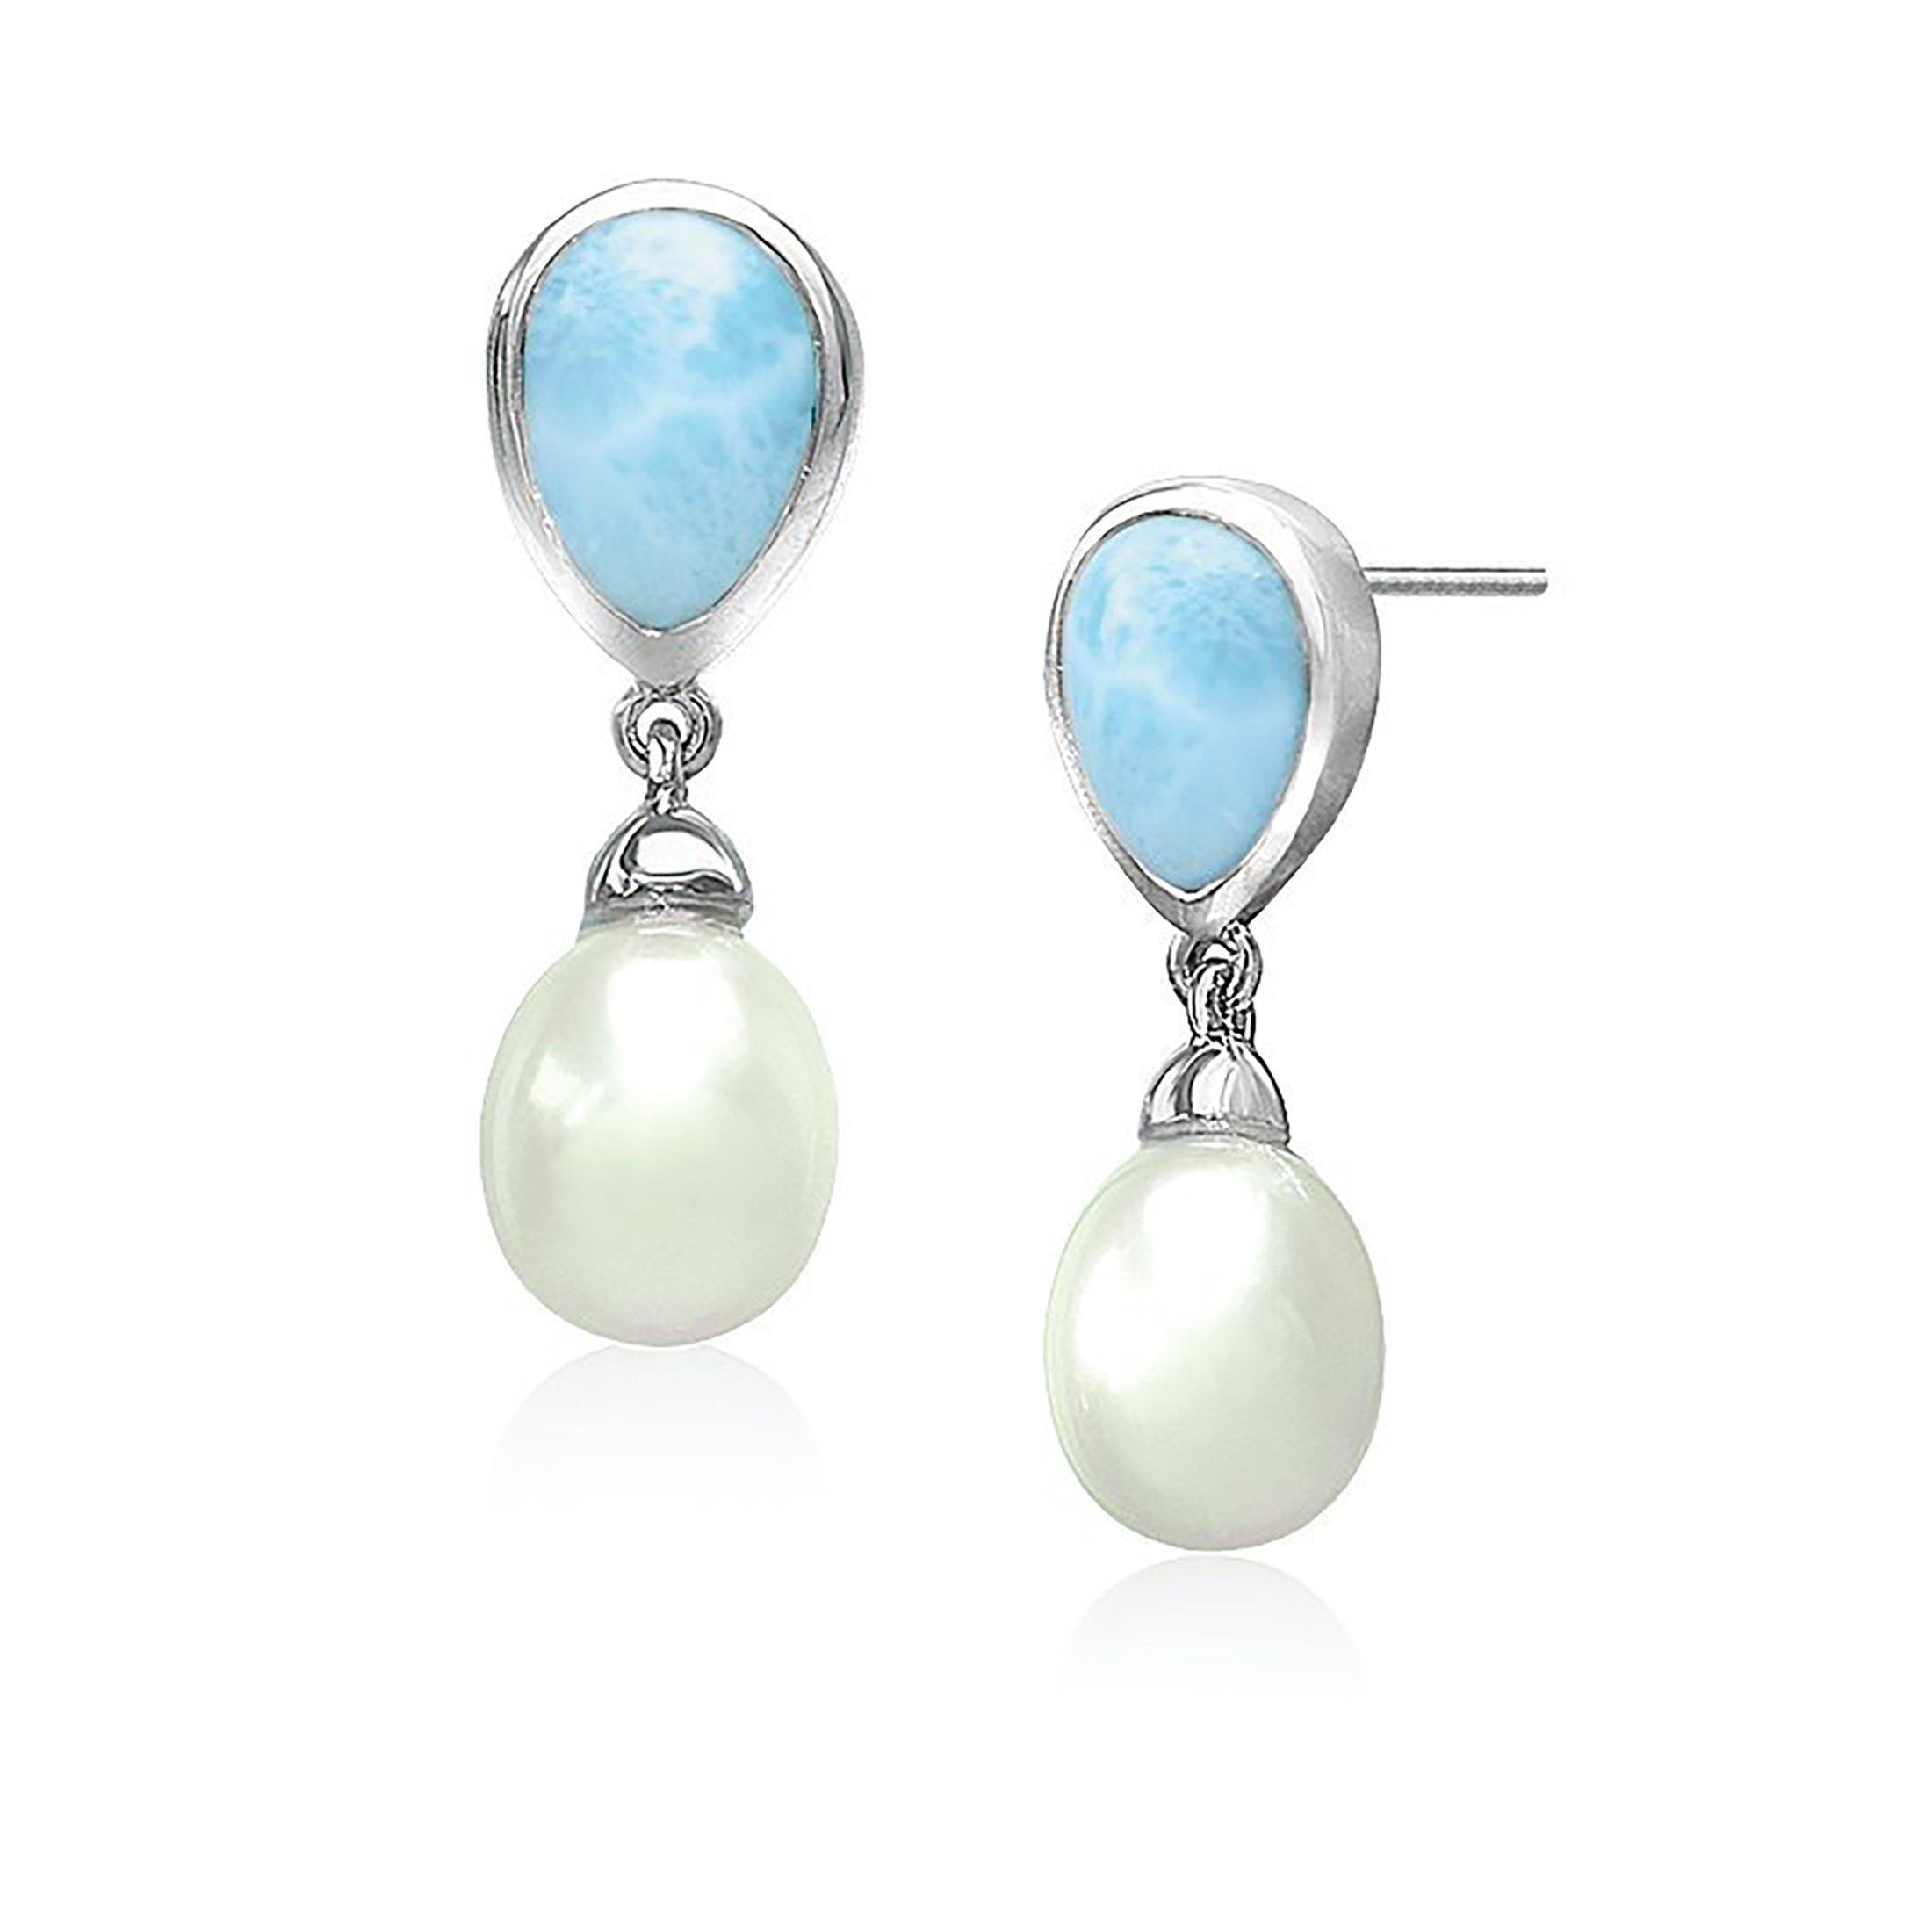 Marahlago - Larimar Alisa Earrings with Freshwater Pearl